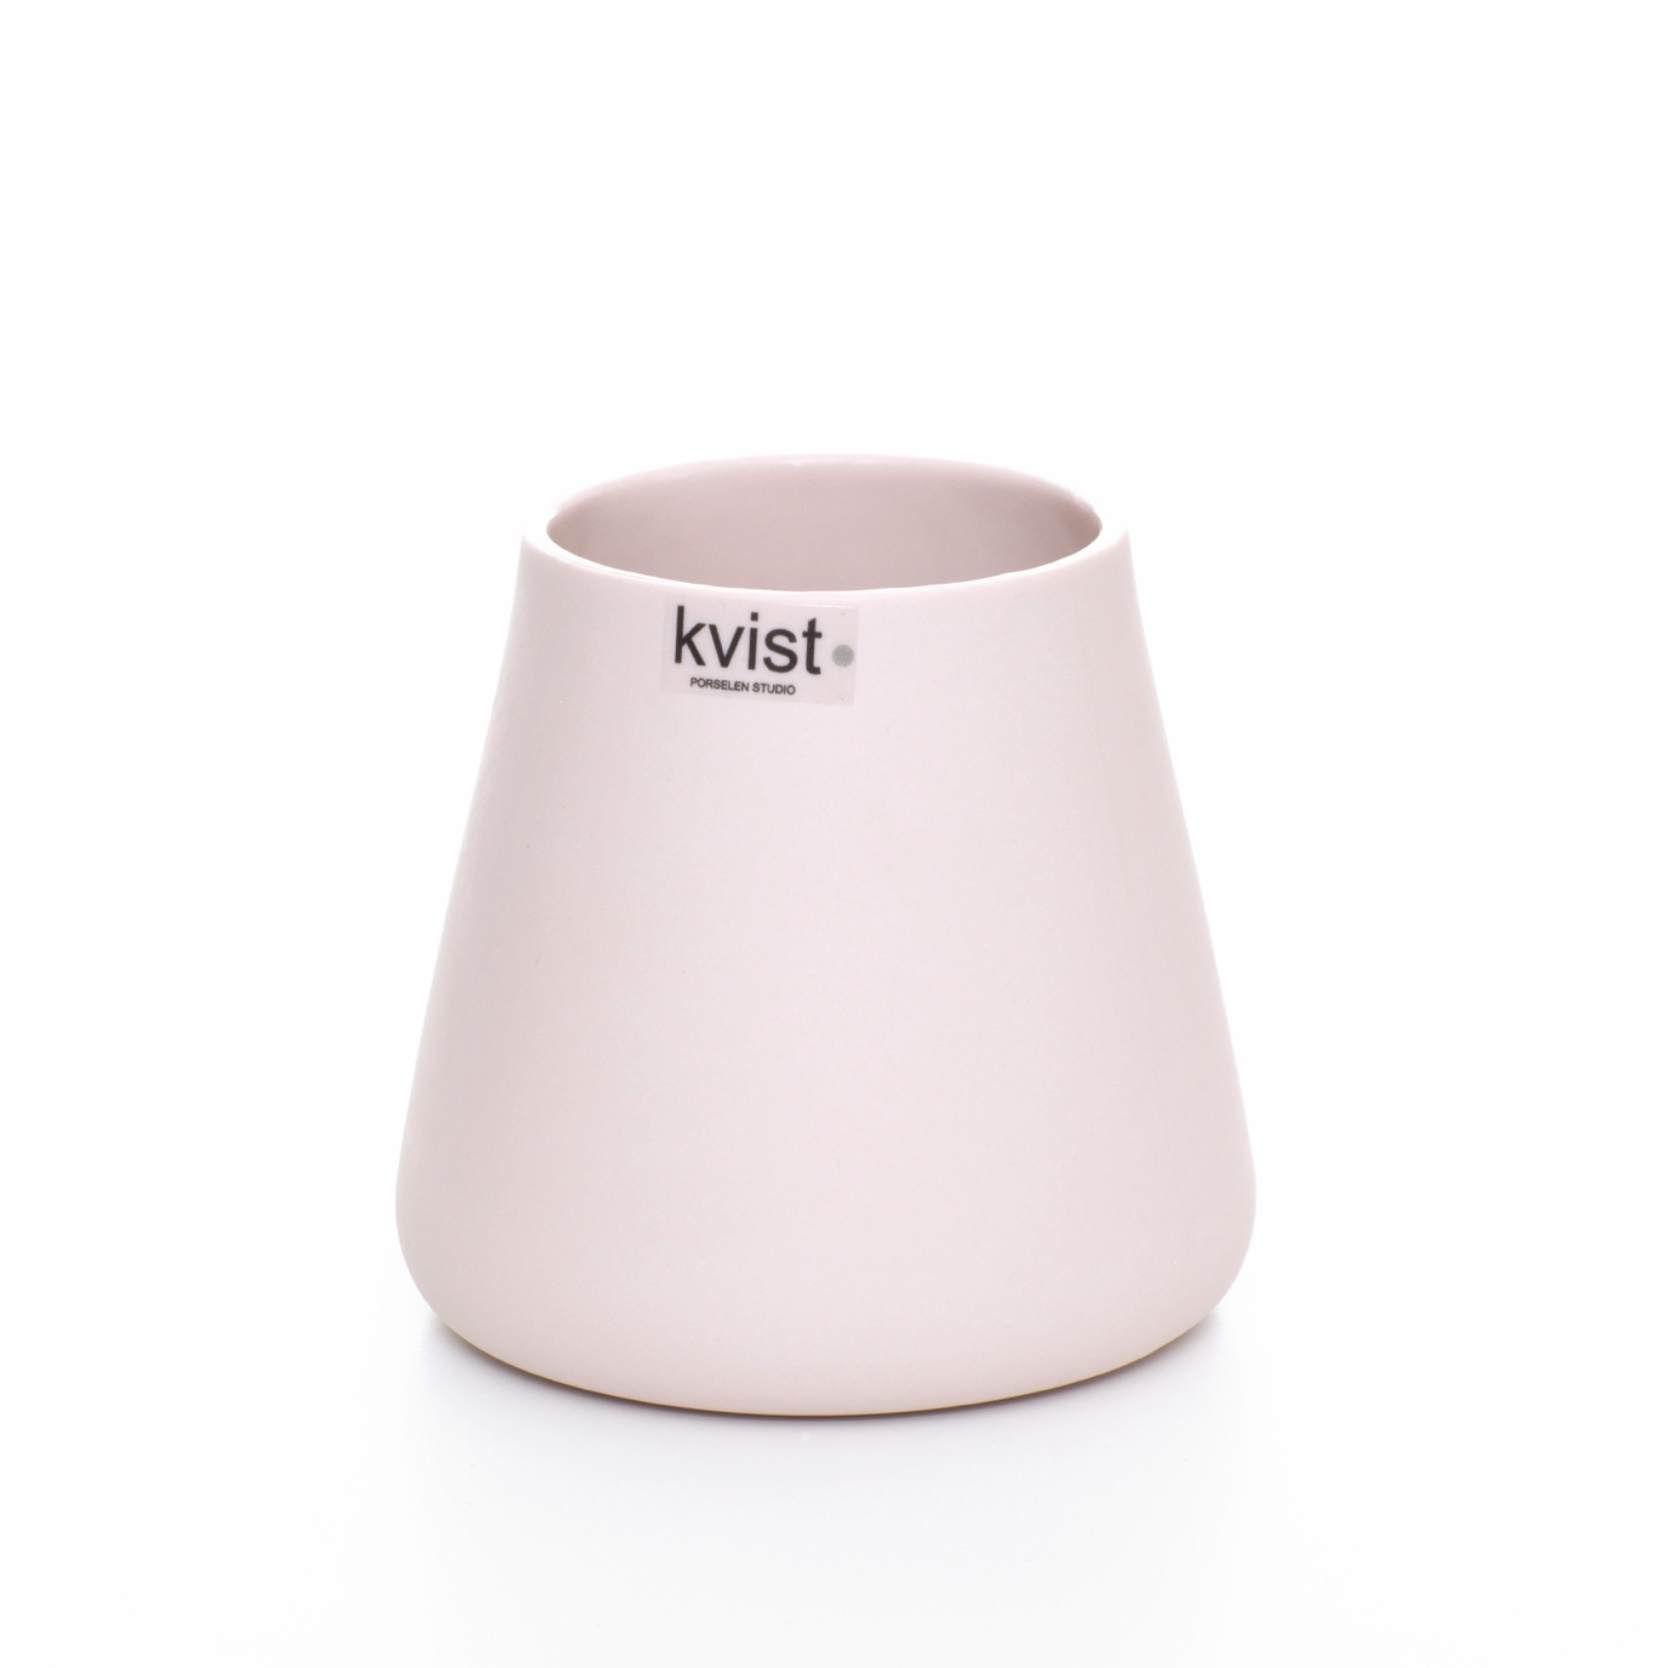 Kvist Porselen - Liten Vase